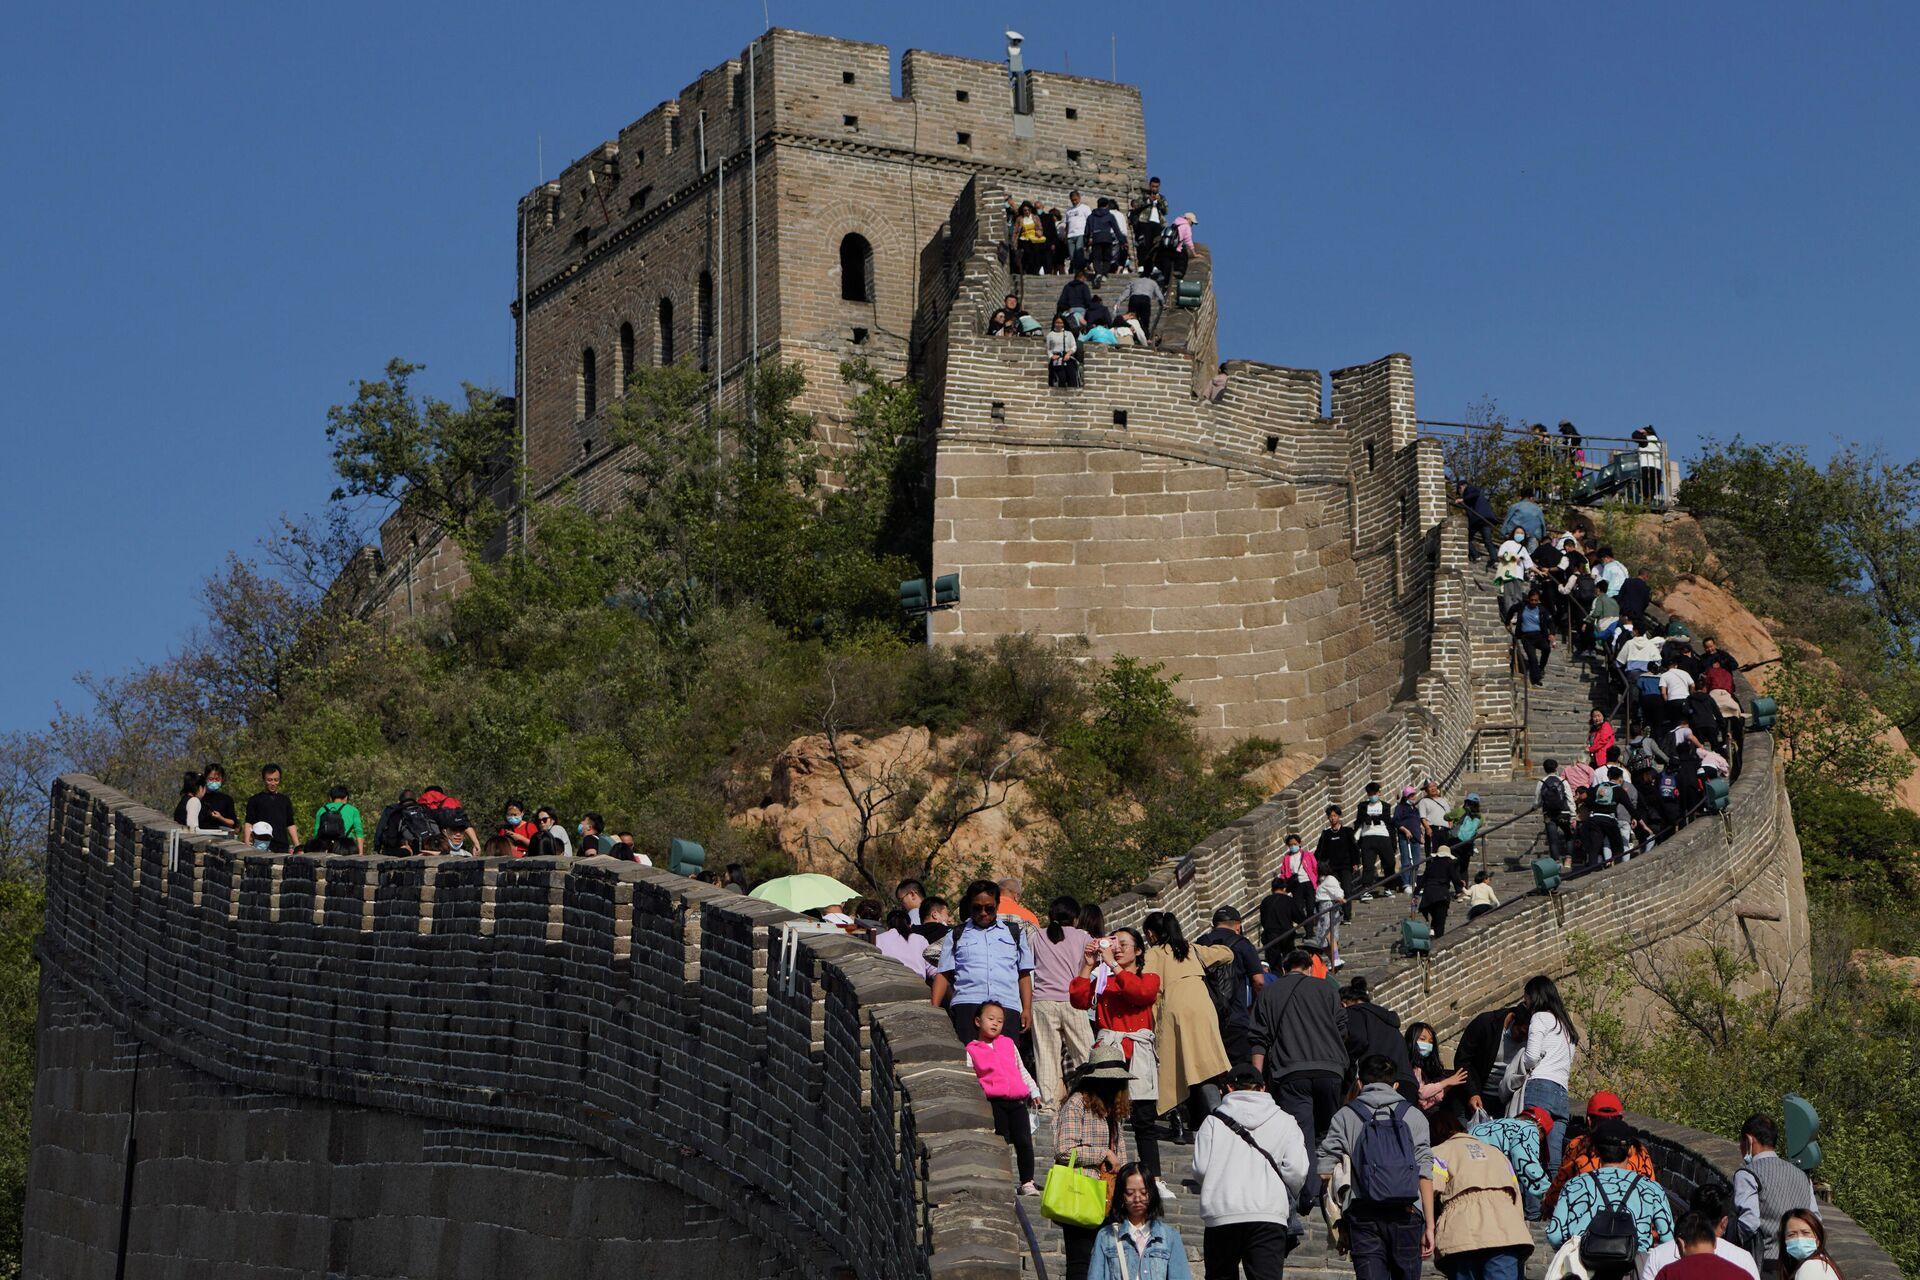 Туристы на участке Великой китайской стены Бадалин - РИА Новости, 1920, 07.10.2020